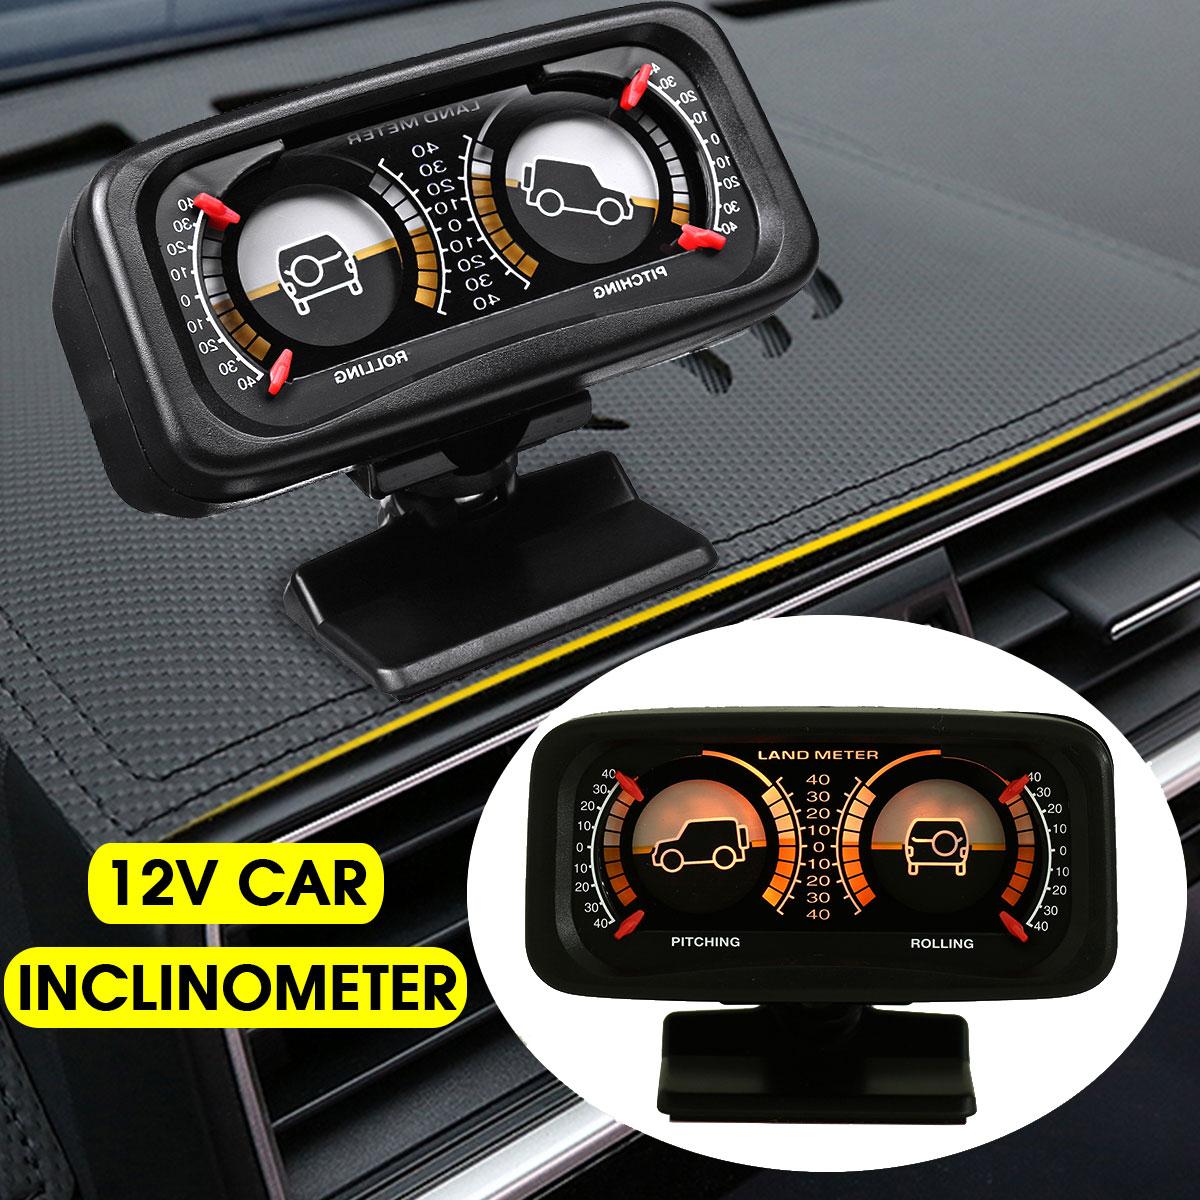 12V Car Angle Tilt Two-barreled Backlight Inclinometer For Compass Balance Level Slope Meter Gauge